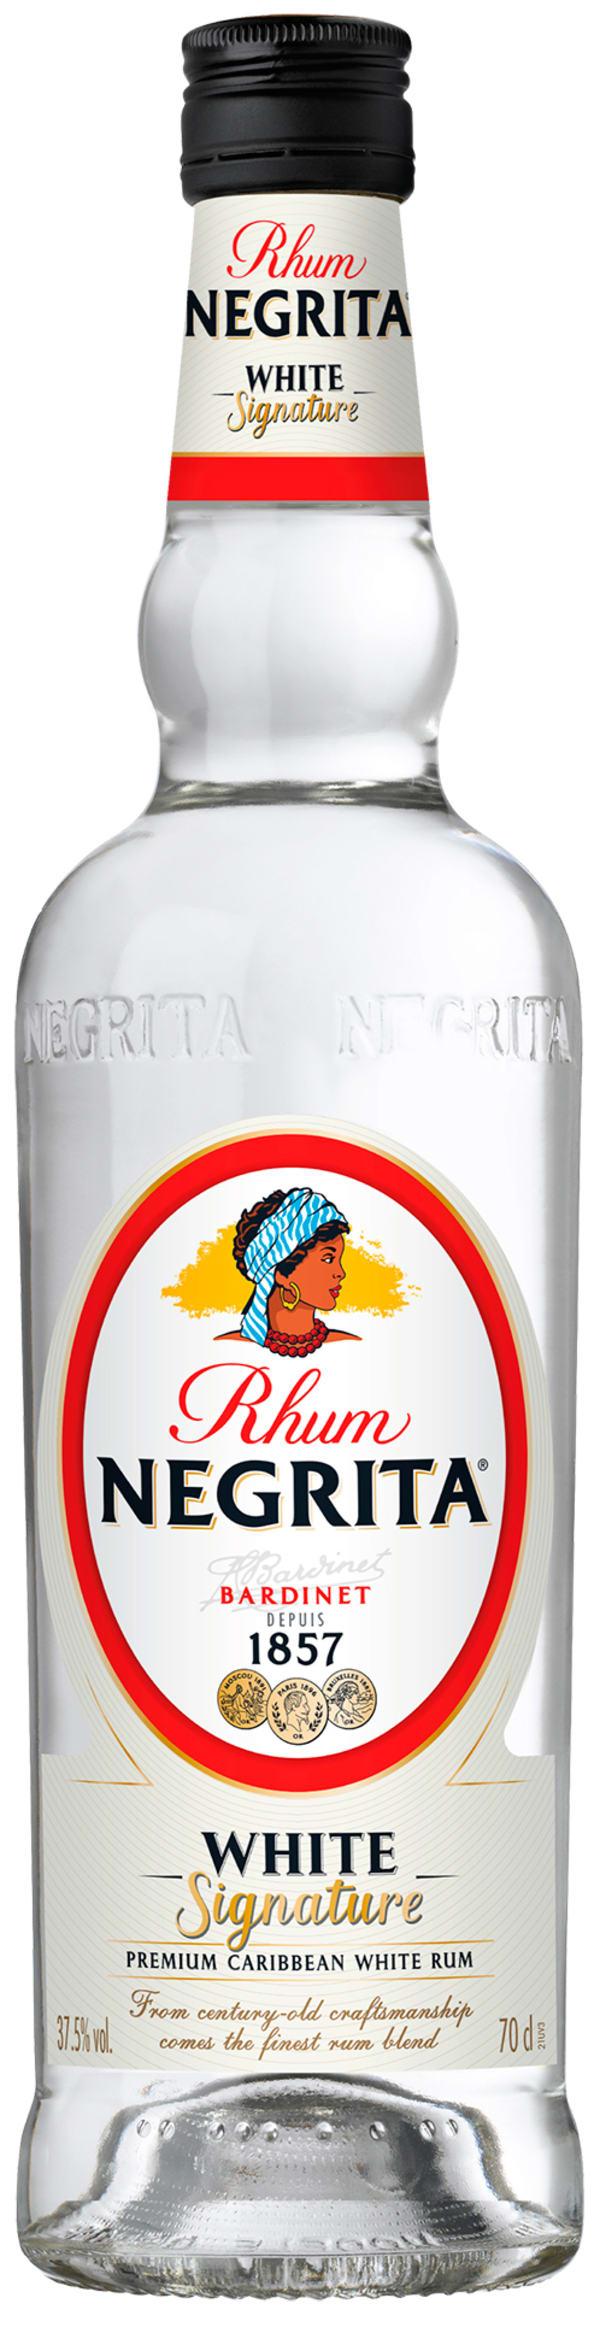 Rhum Negrita White Signature